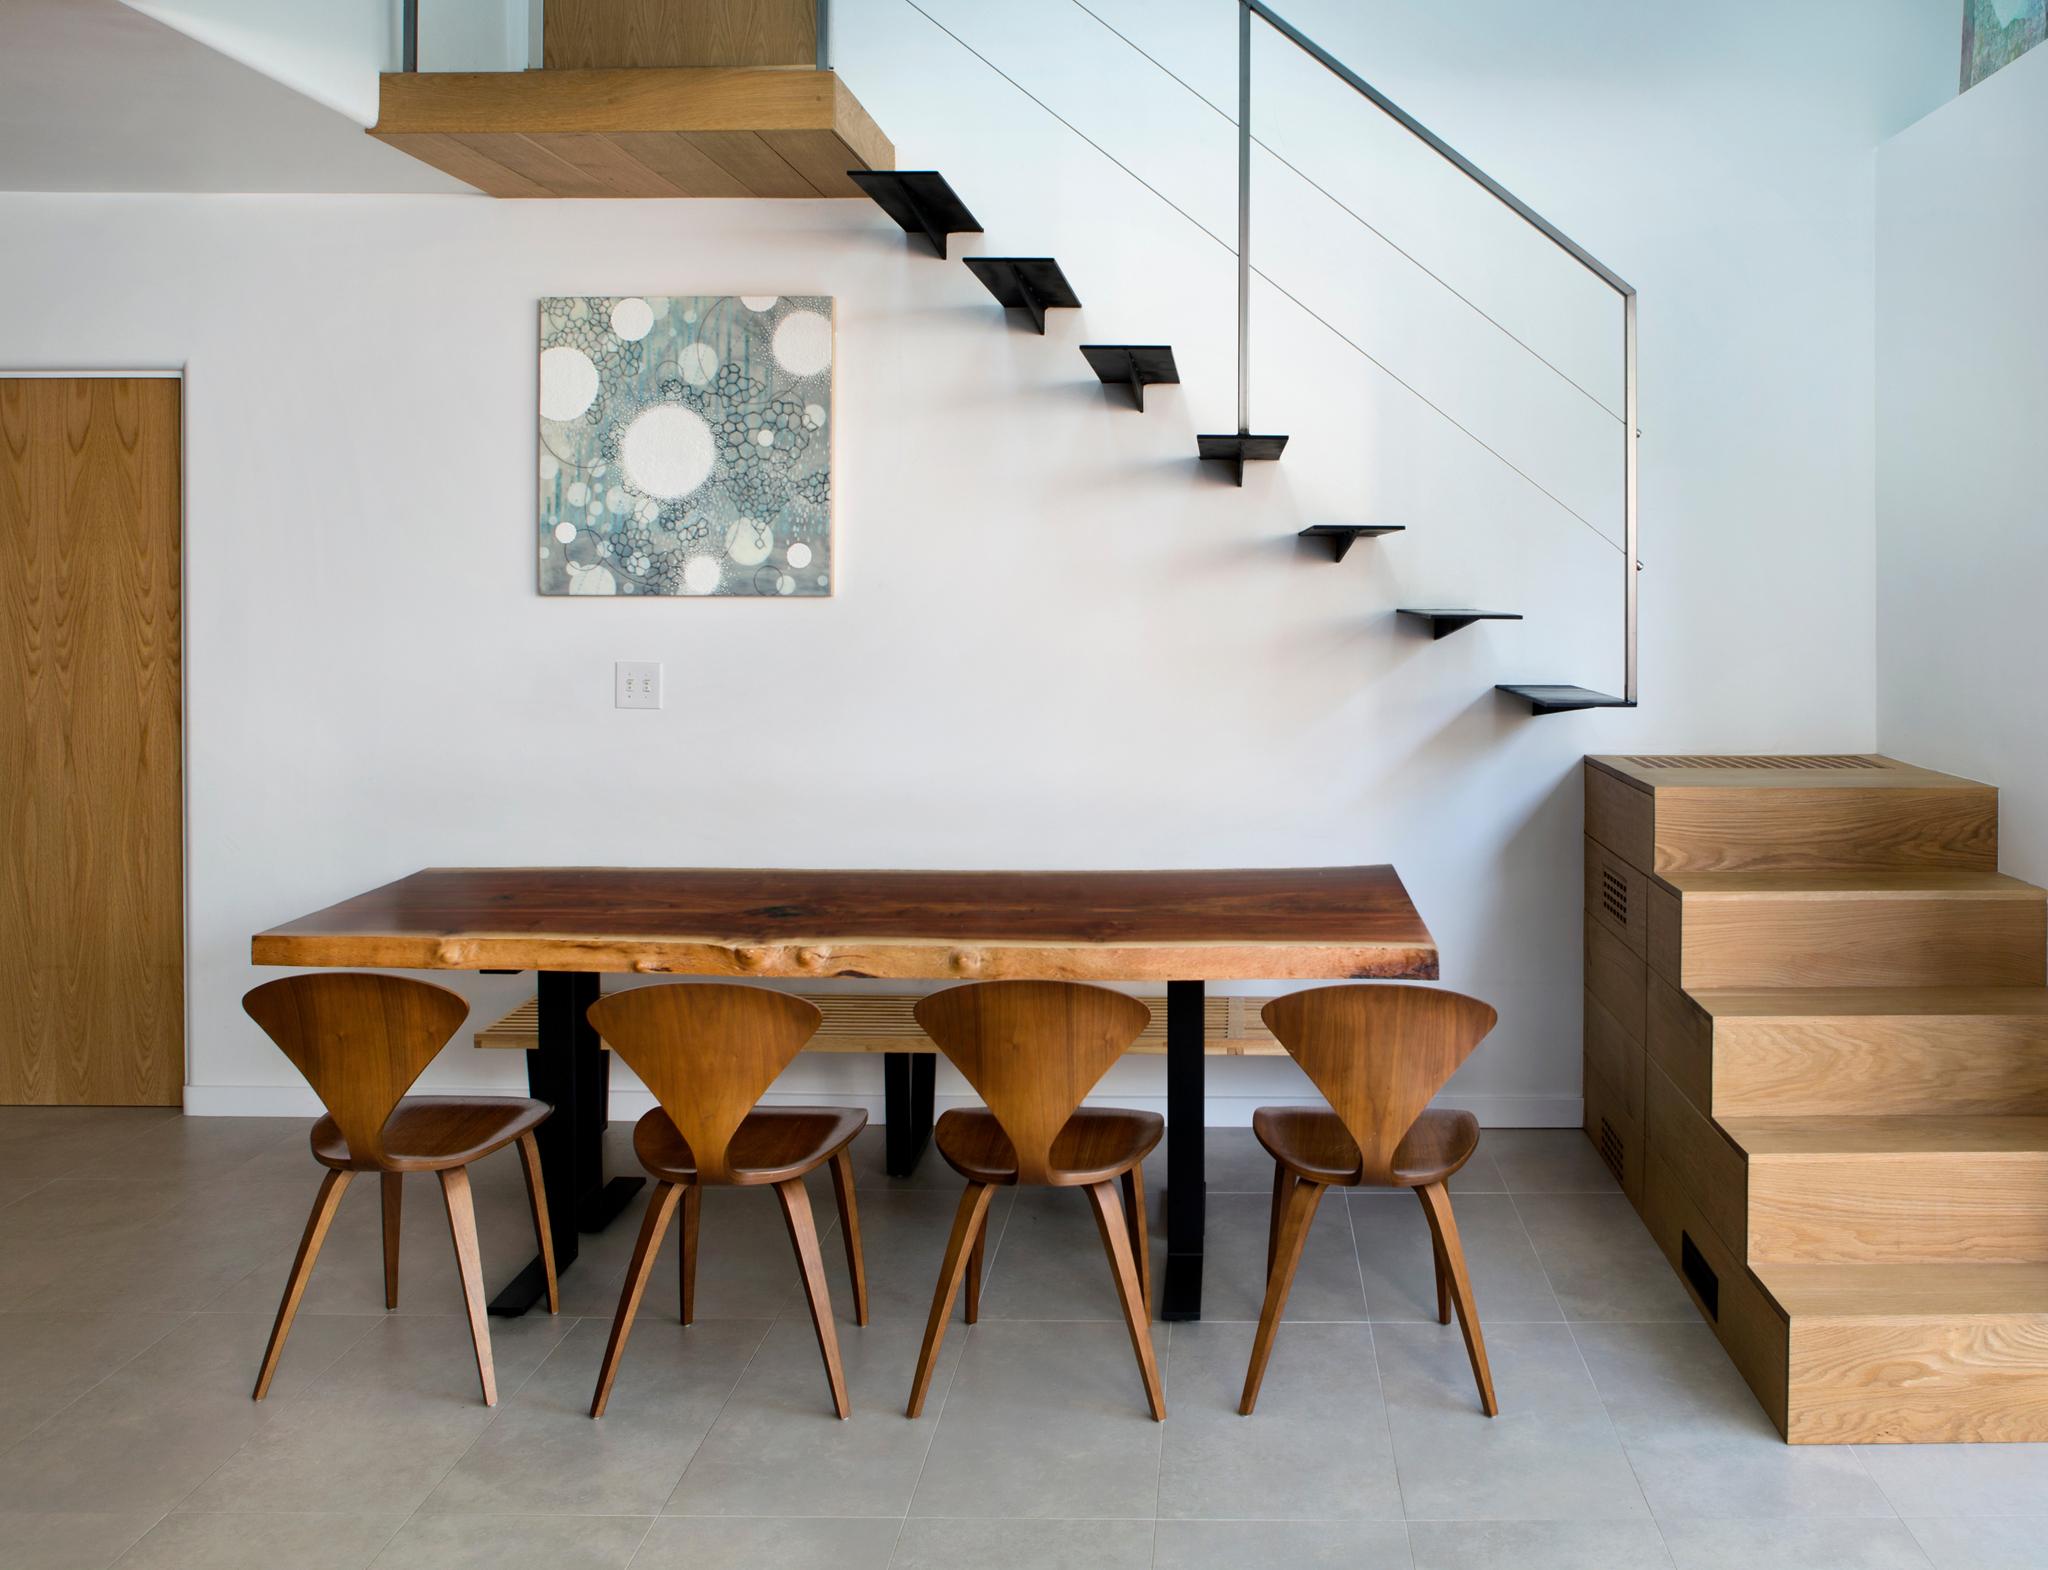 Seneca_table_stair.jpg